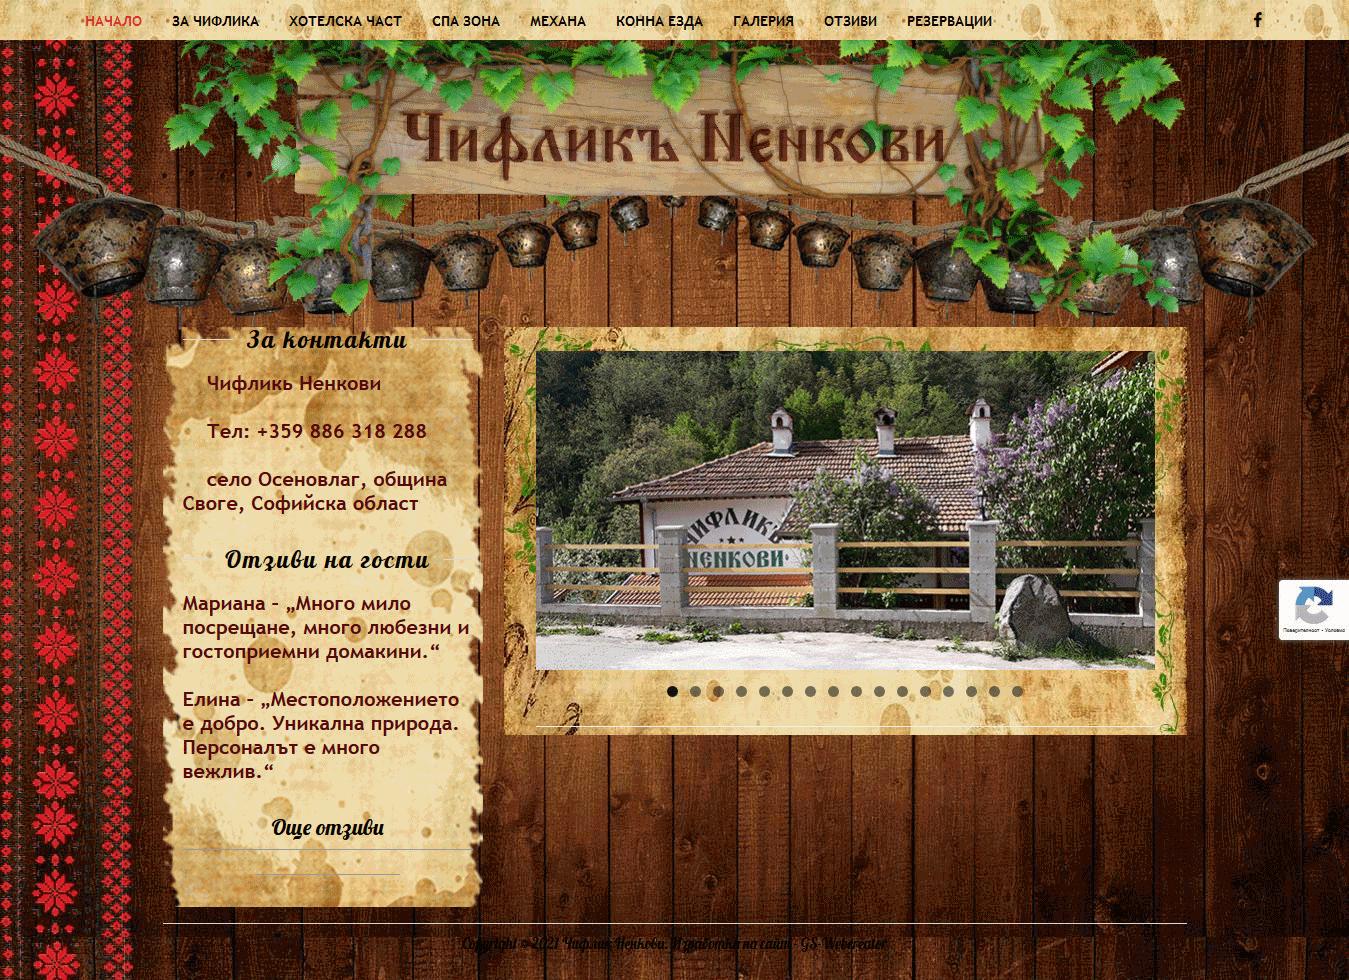 Изработка на сайт на Чифлик Ненкови в село Осеновлаг, община Своге от екипа на GS-WebCreator